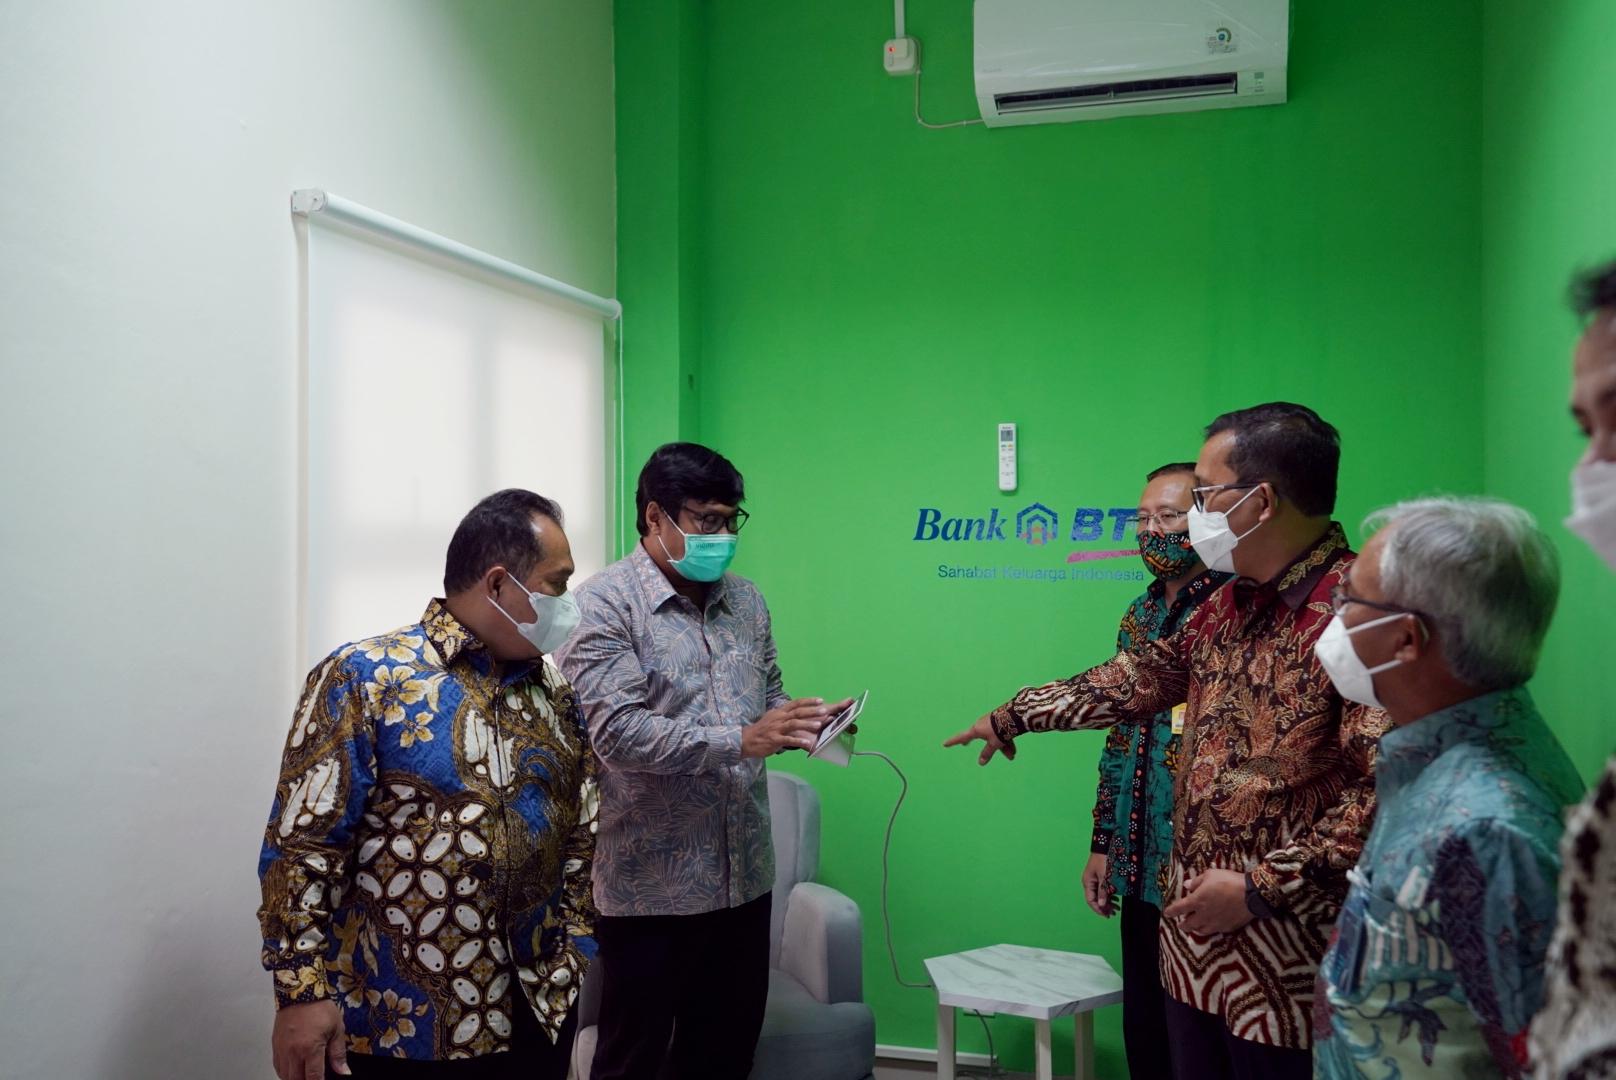 UNNES Terima Hibah Laboratorium Multimedia Bengkel Guru Dari Bank BTN